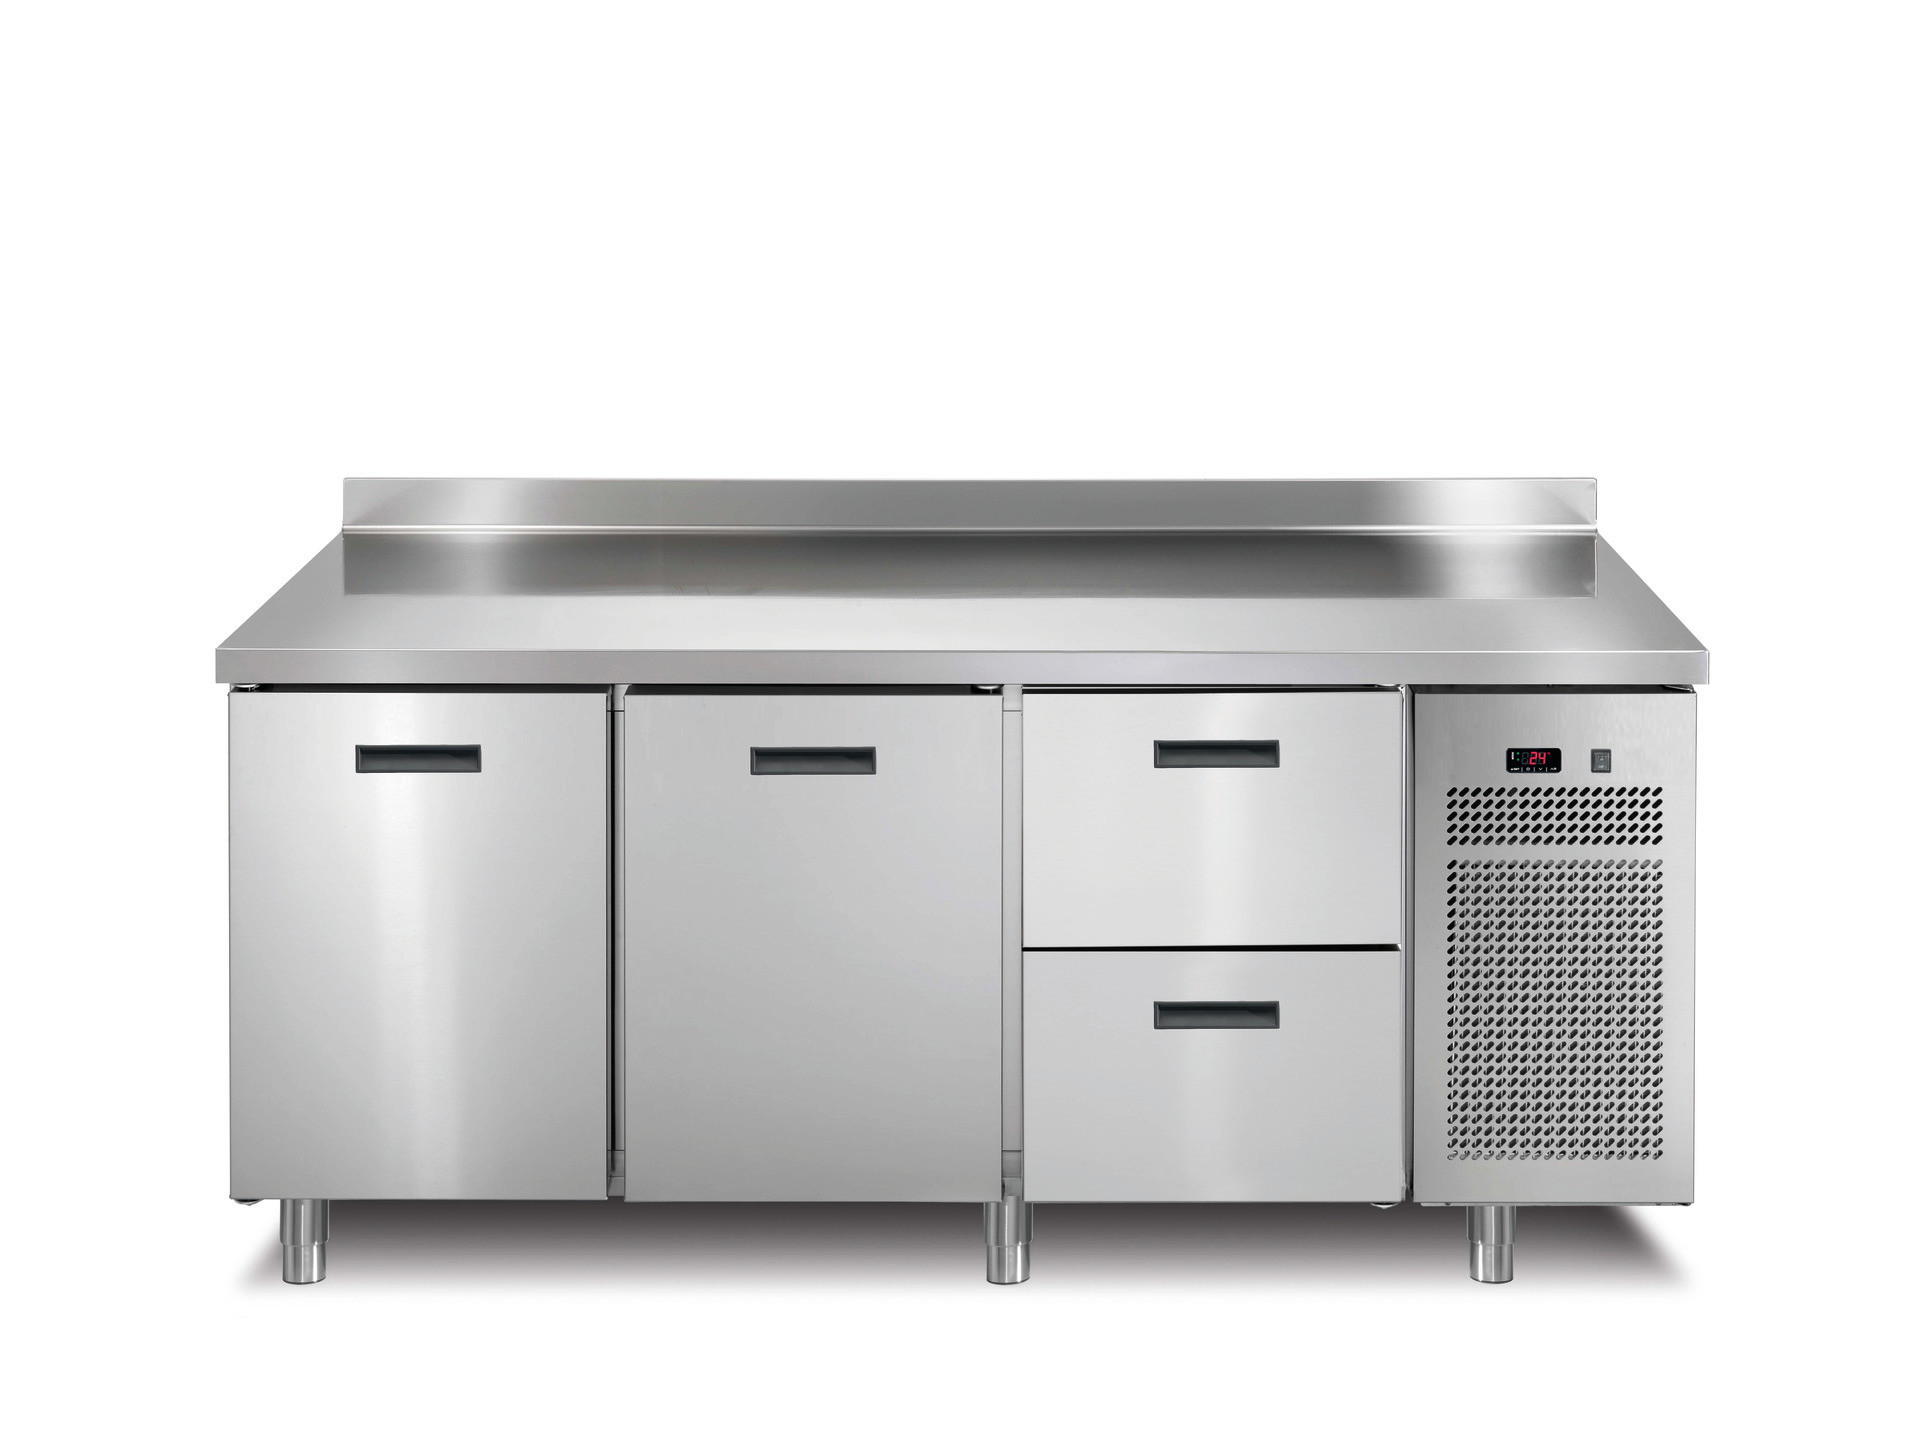 Tiefkühltisch 2 Türen 2 Schubladen mit 50 mm Aufkantung 1721 x 700 x 850 mm